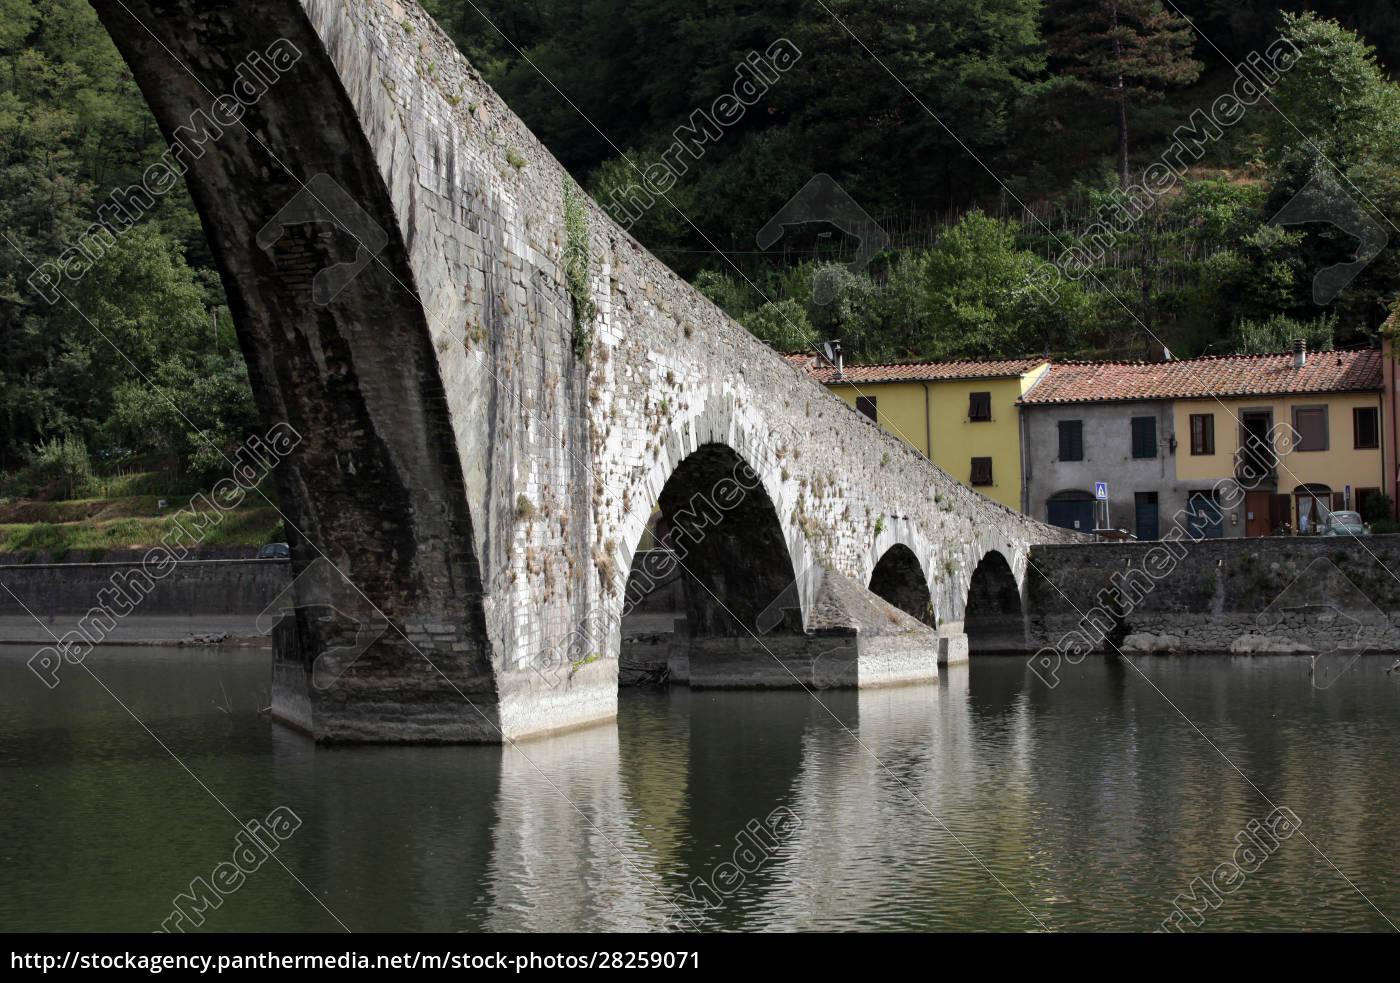 ponte, della, maddalena, across, the, serchio. - 28259071